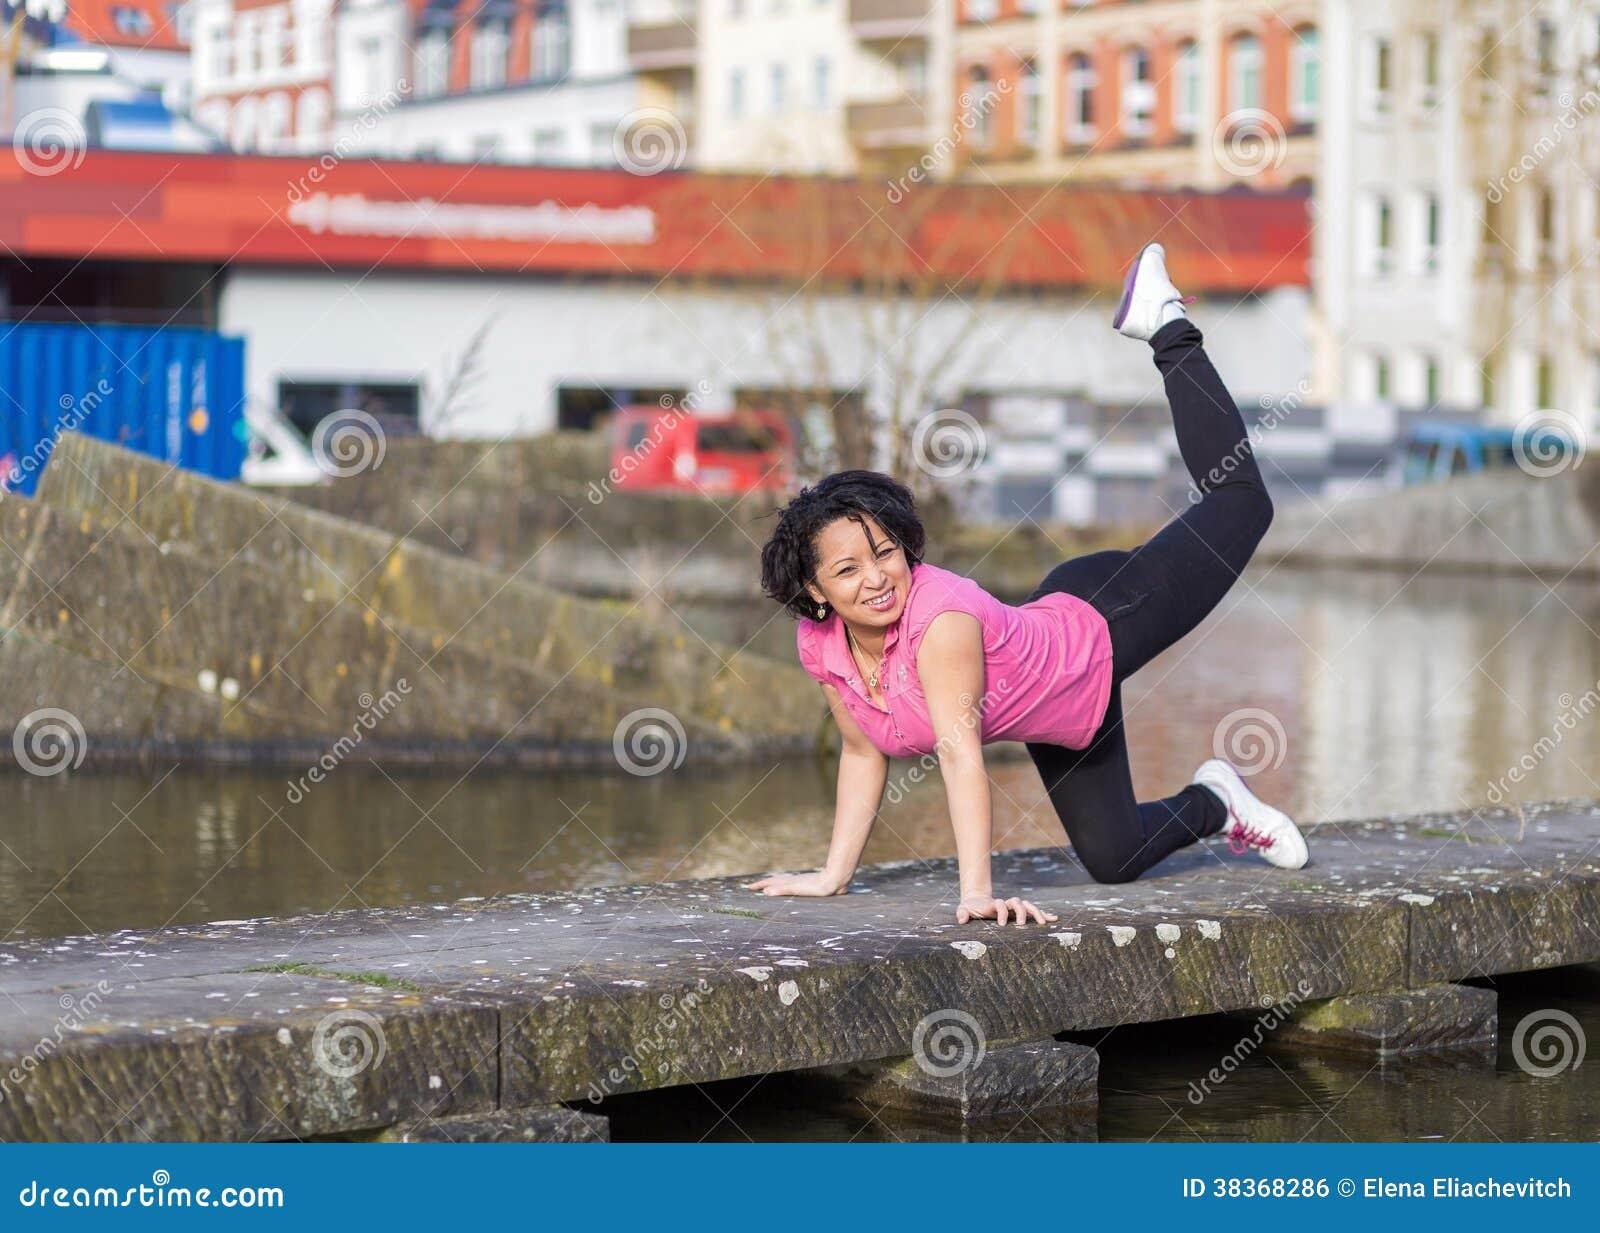 Woman urban sport exersising